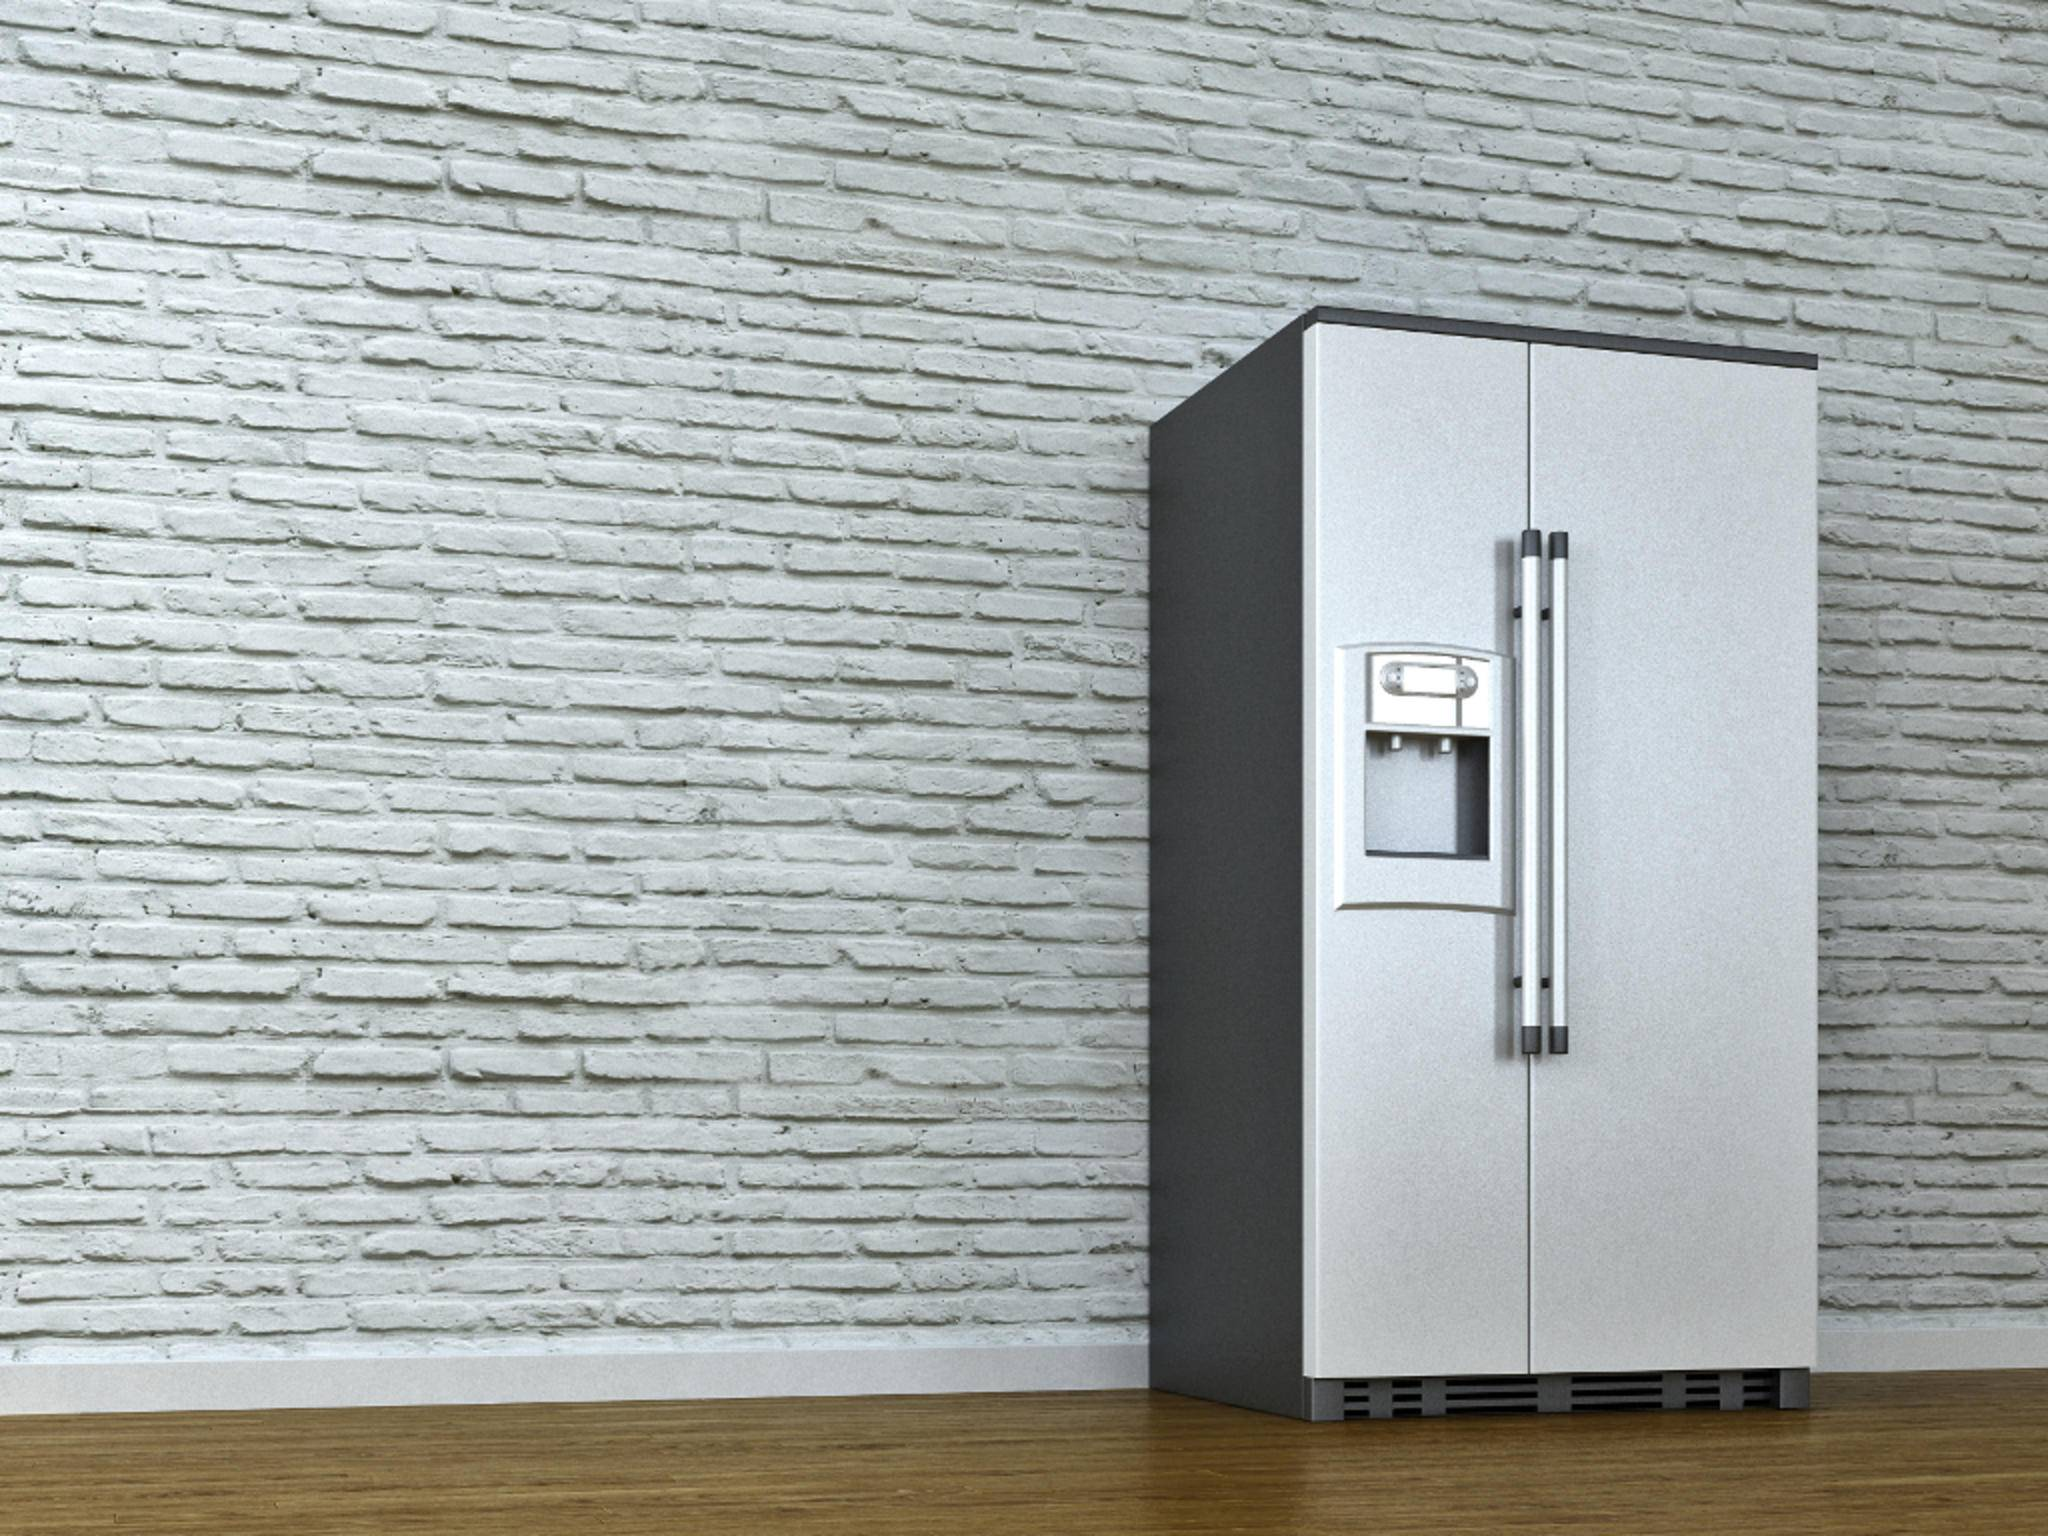 Siemens Kühlschrank Rattert : Kühlschrank brummt mögliche ursachen u und was du tun kannst